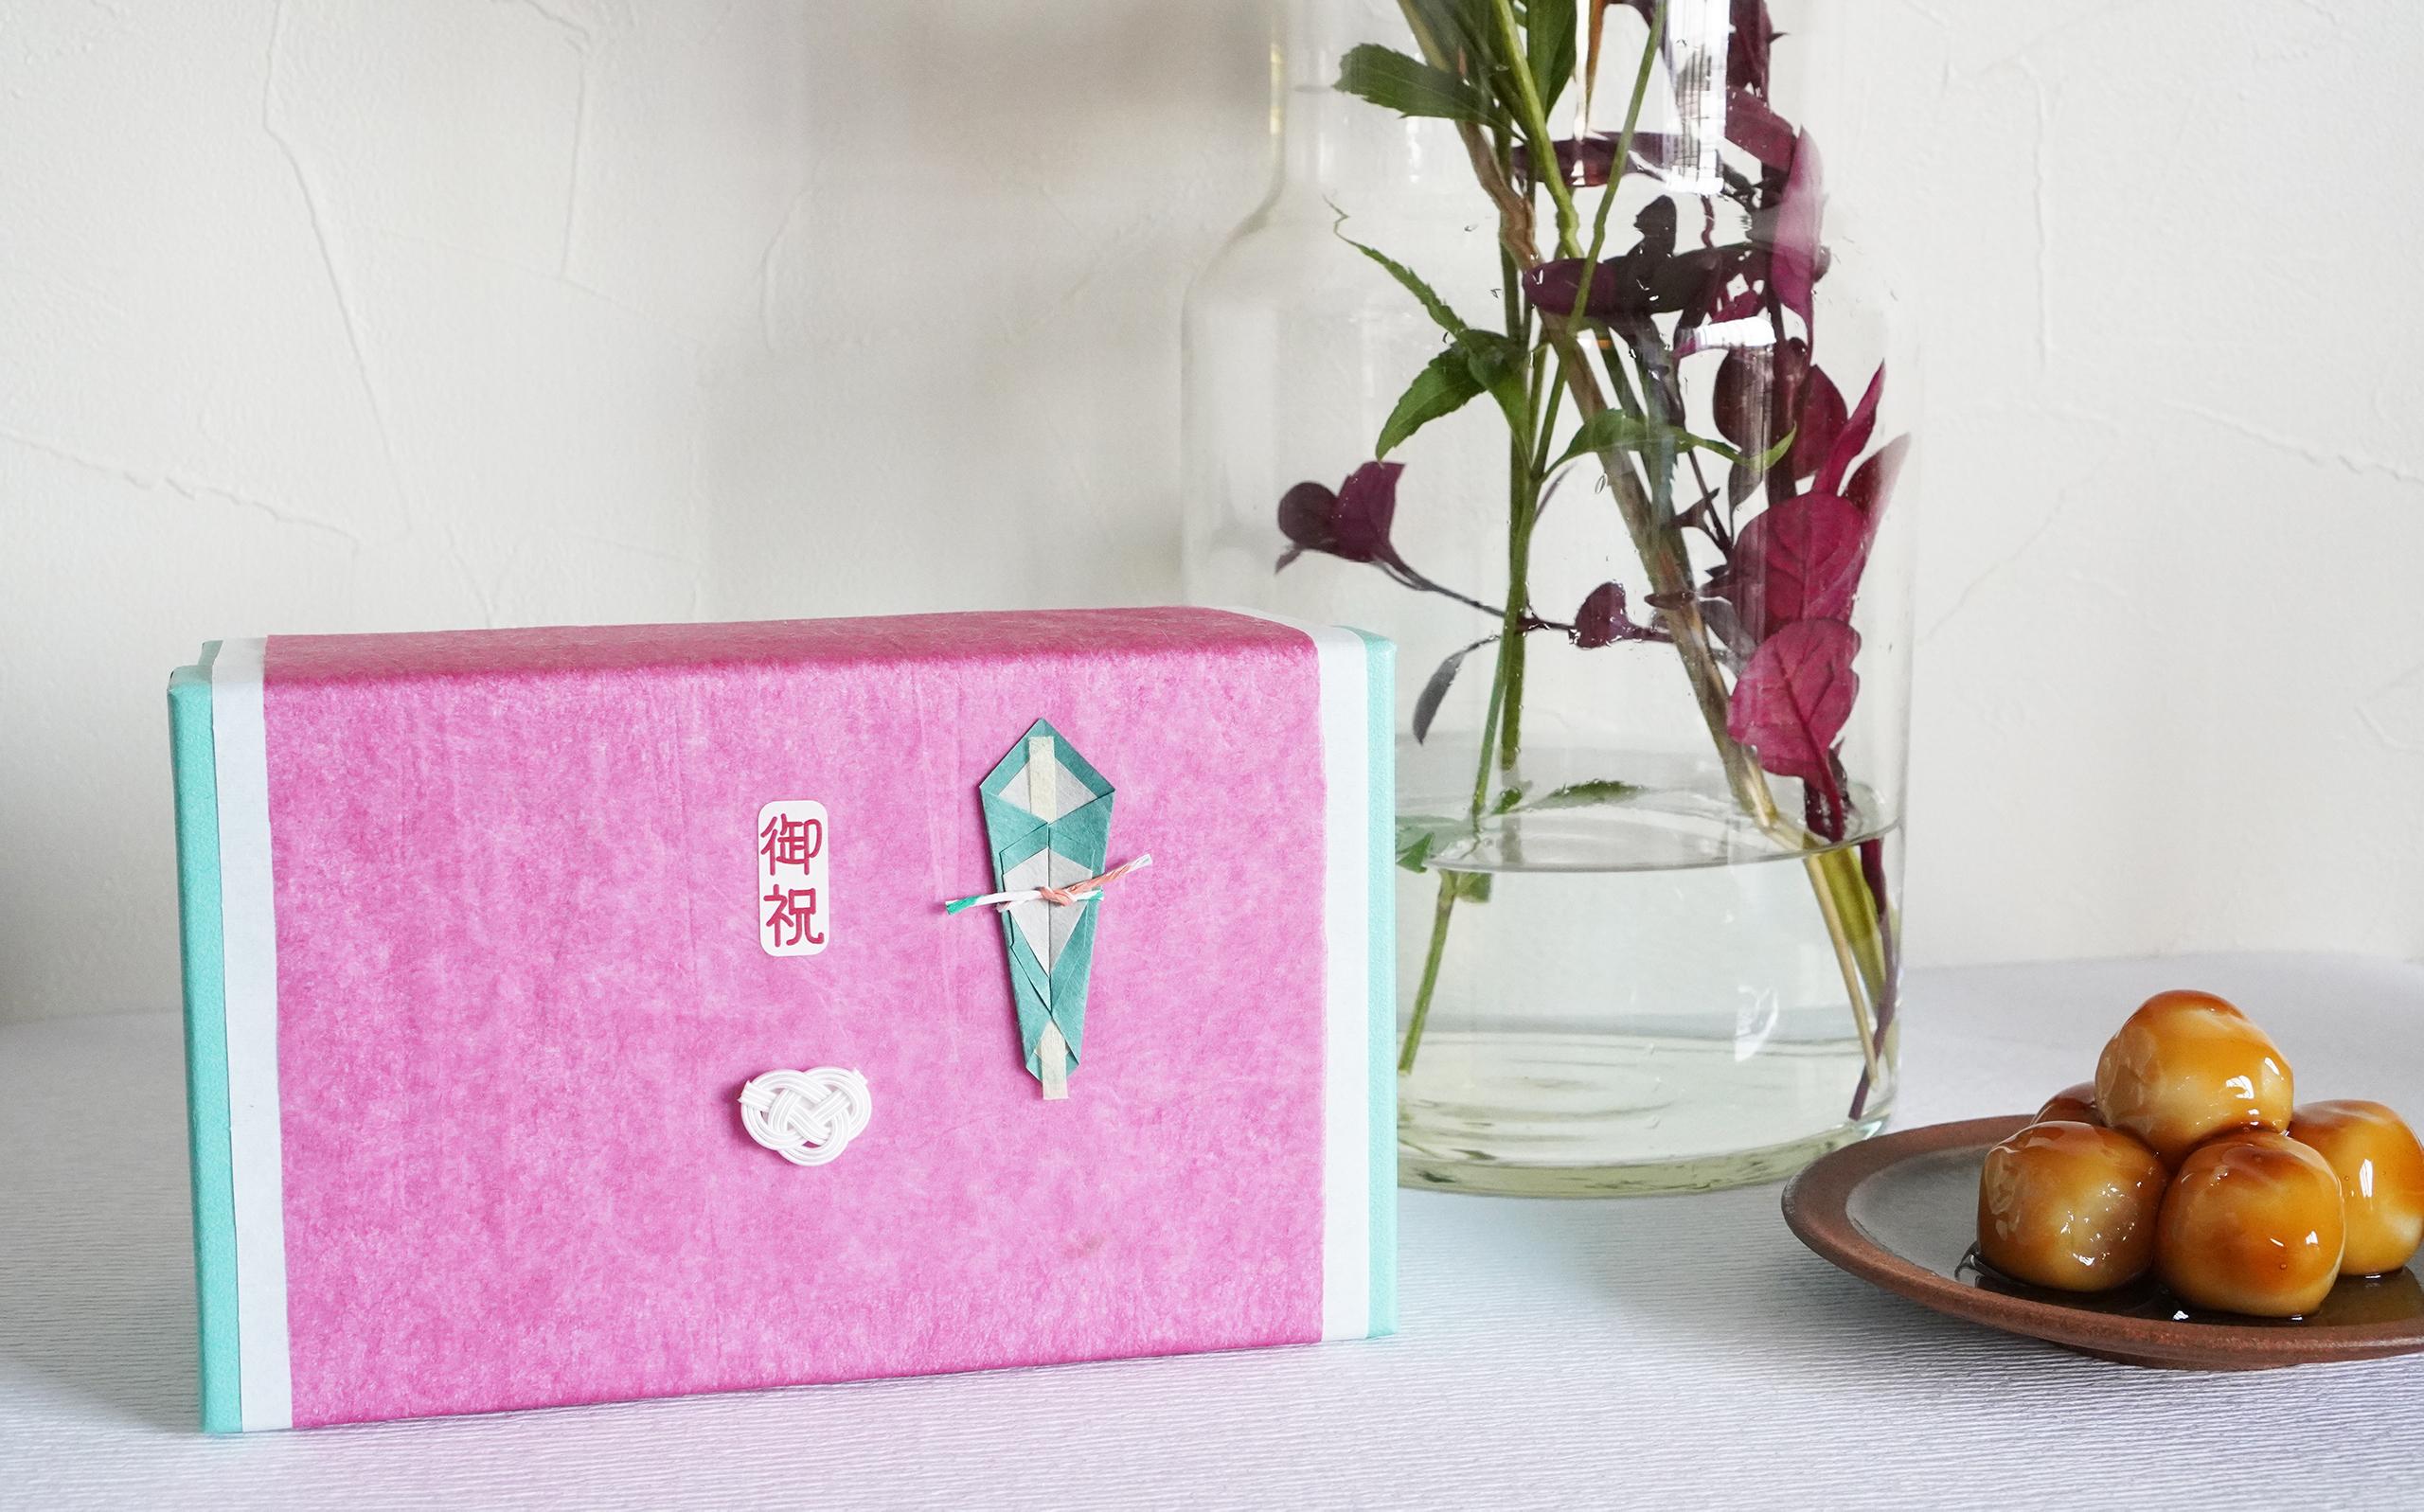 折 -和紙で折った熨斗シール- (紫系色)